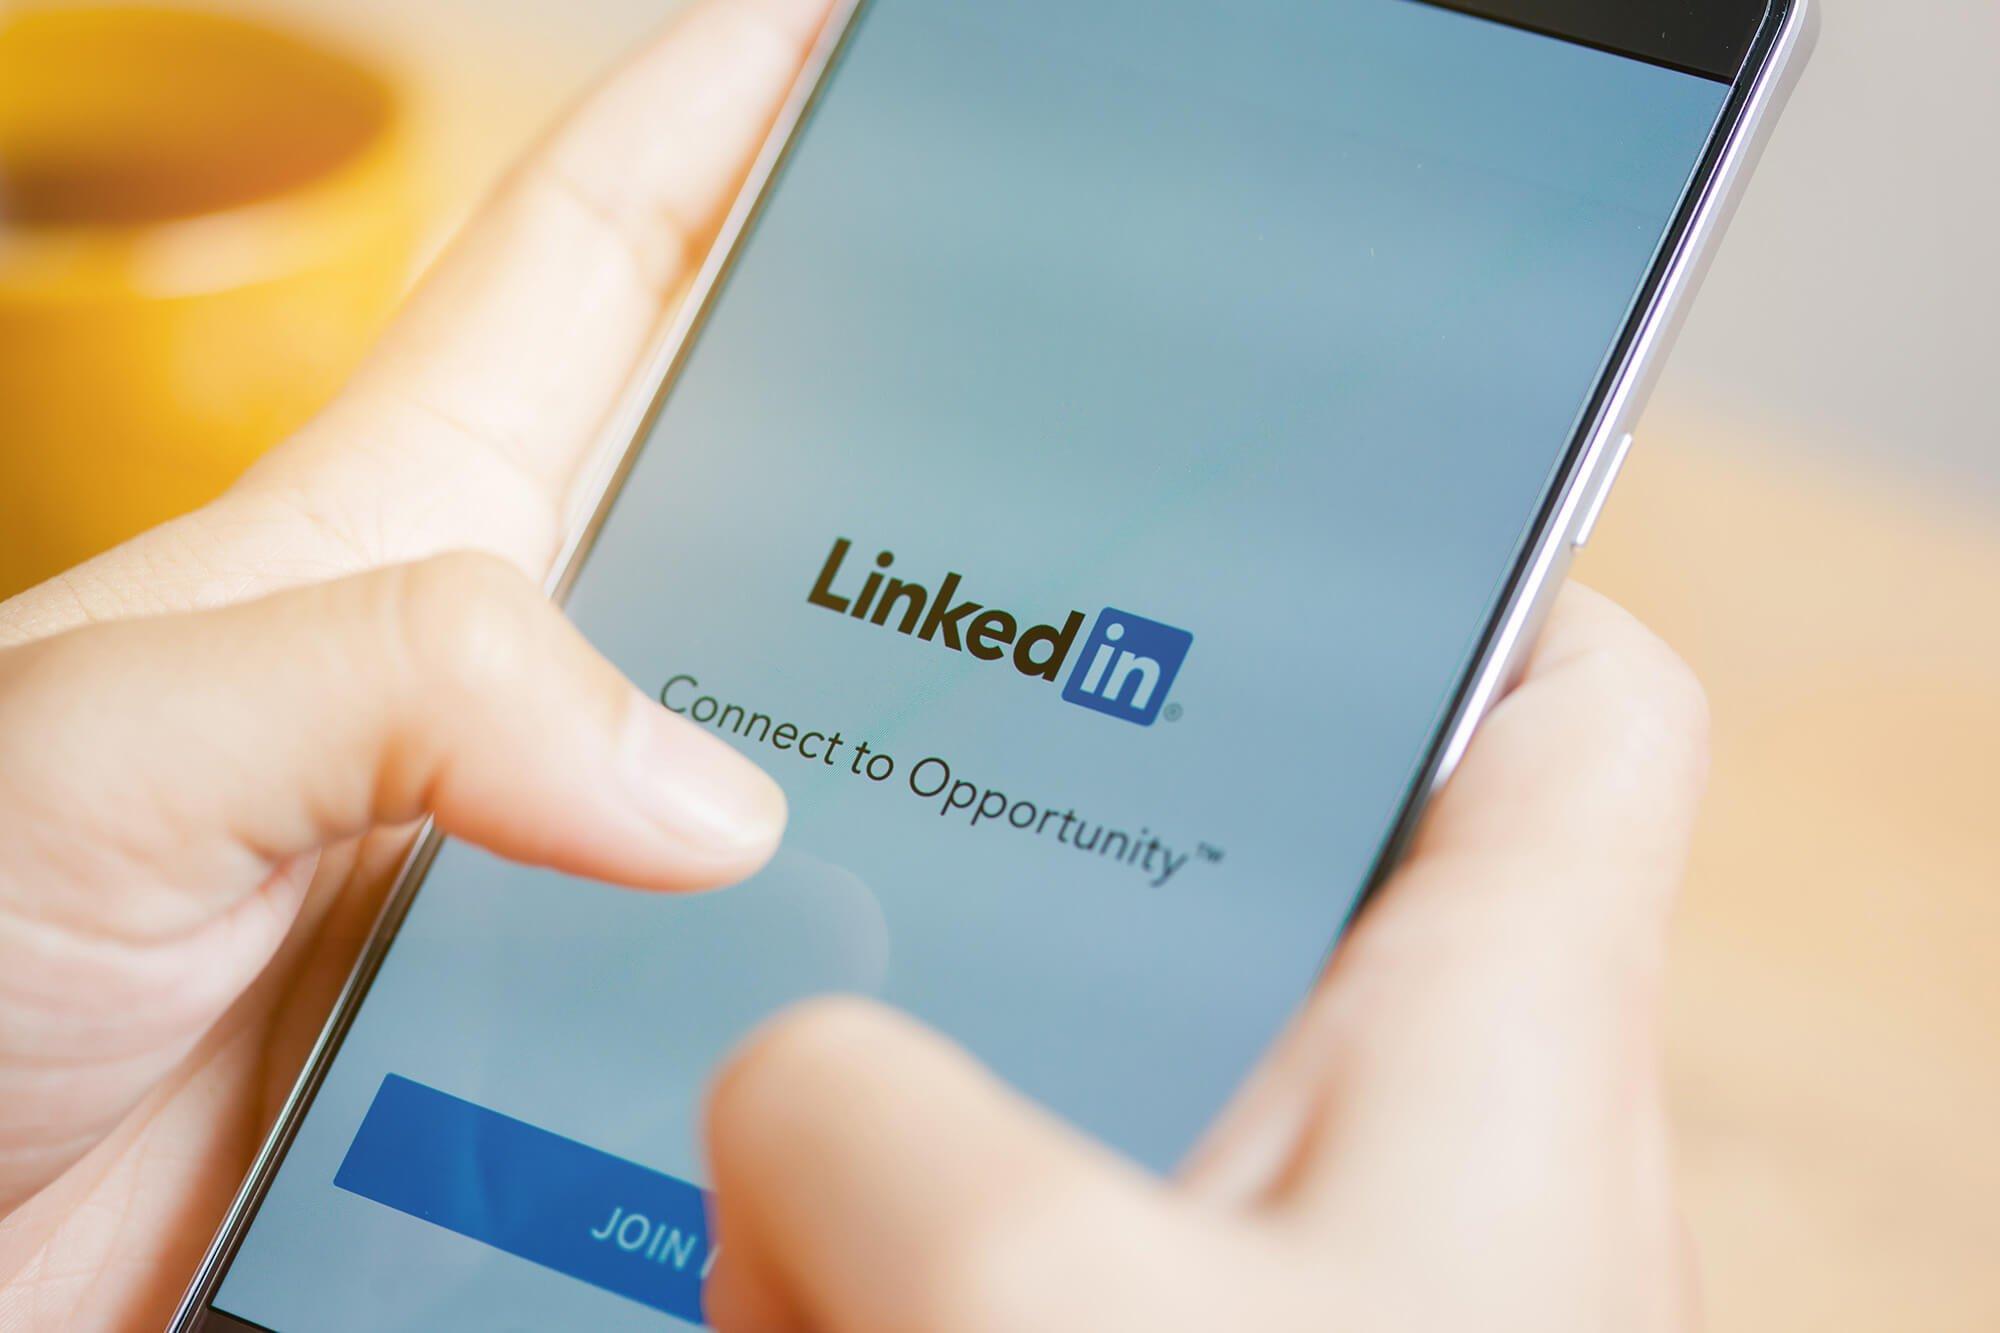 freelance réseau social linkedIn